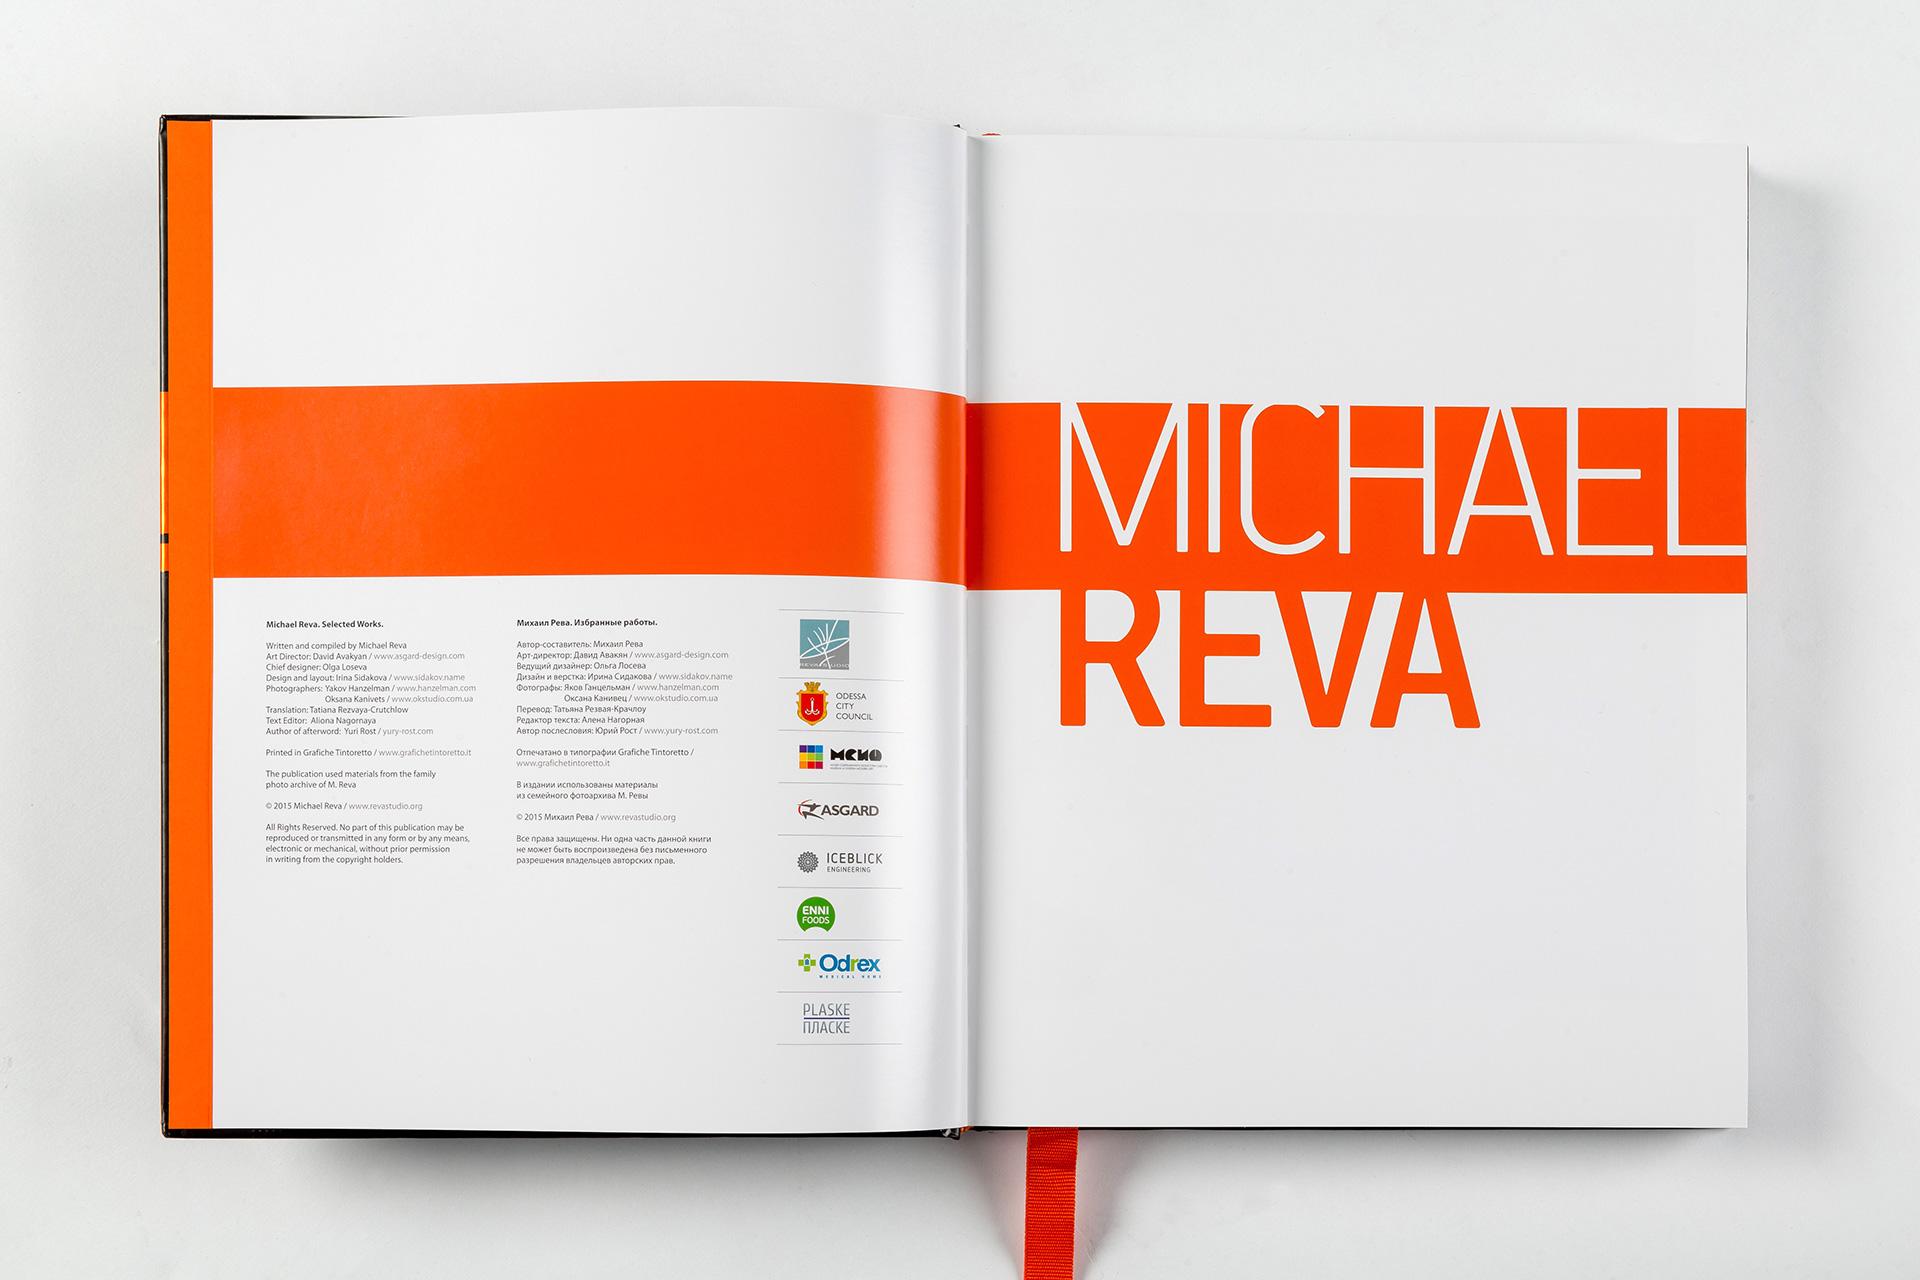 Asgard Branding, юбилейный альбом, дизайн титула, печатные издания, дизайн книги, Михаил Рева